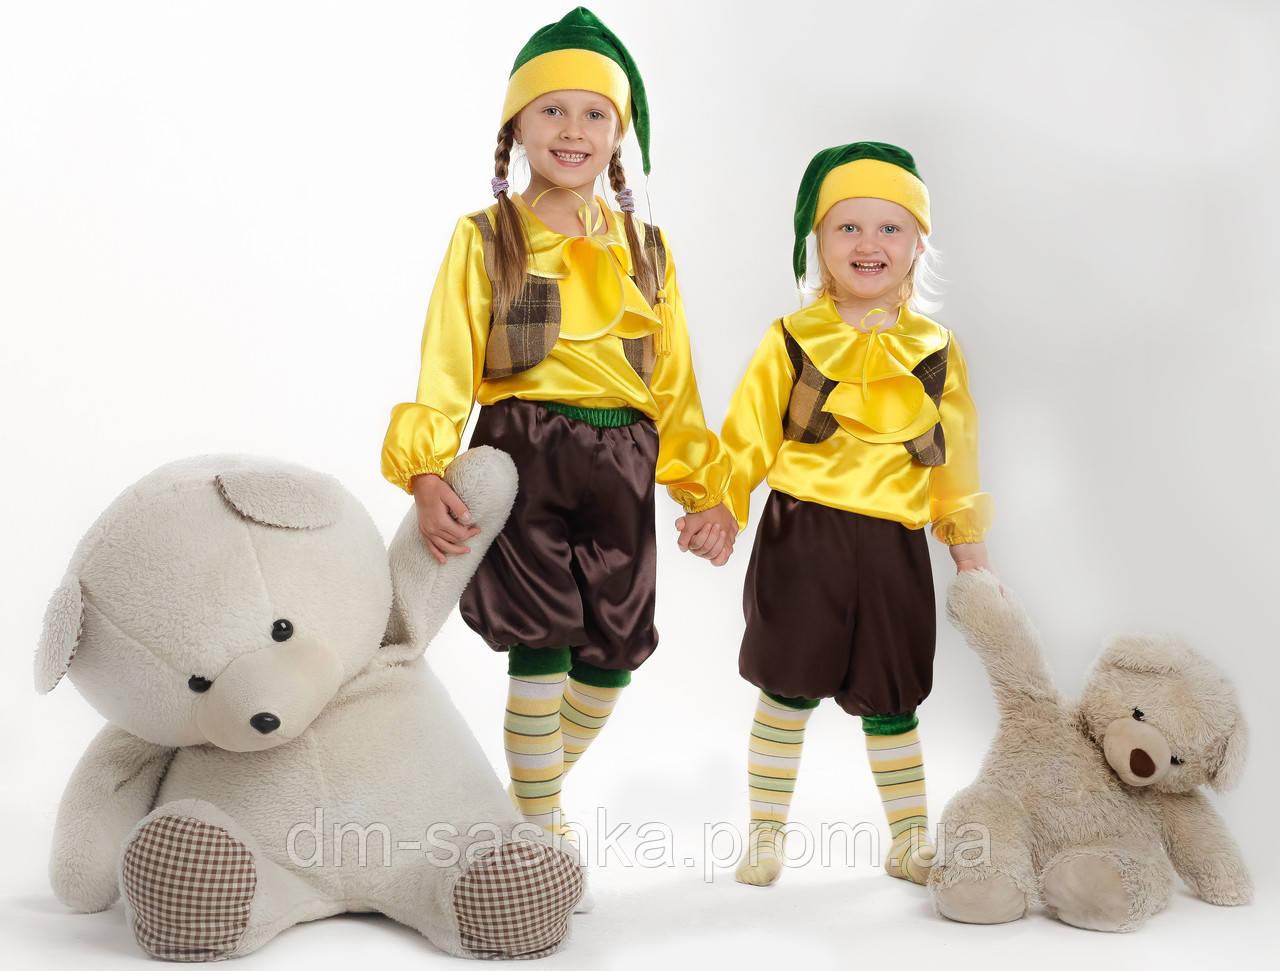 Детский карнавальный костюм «ГНОМ» оптом